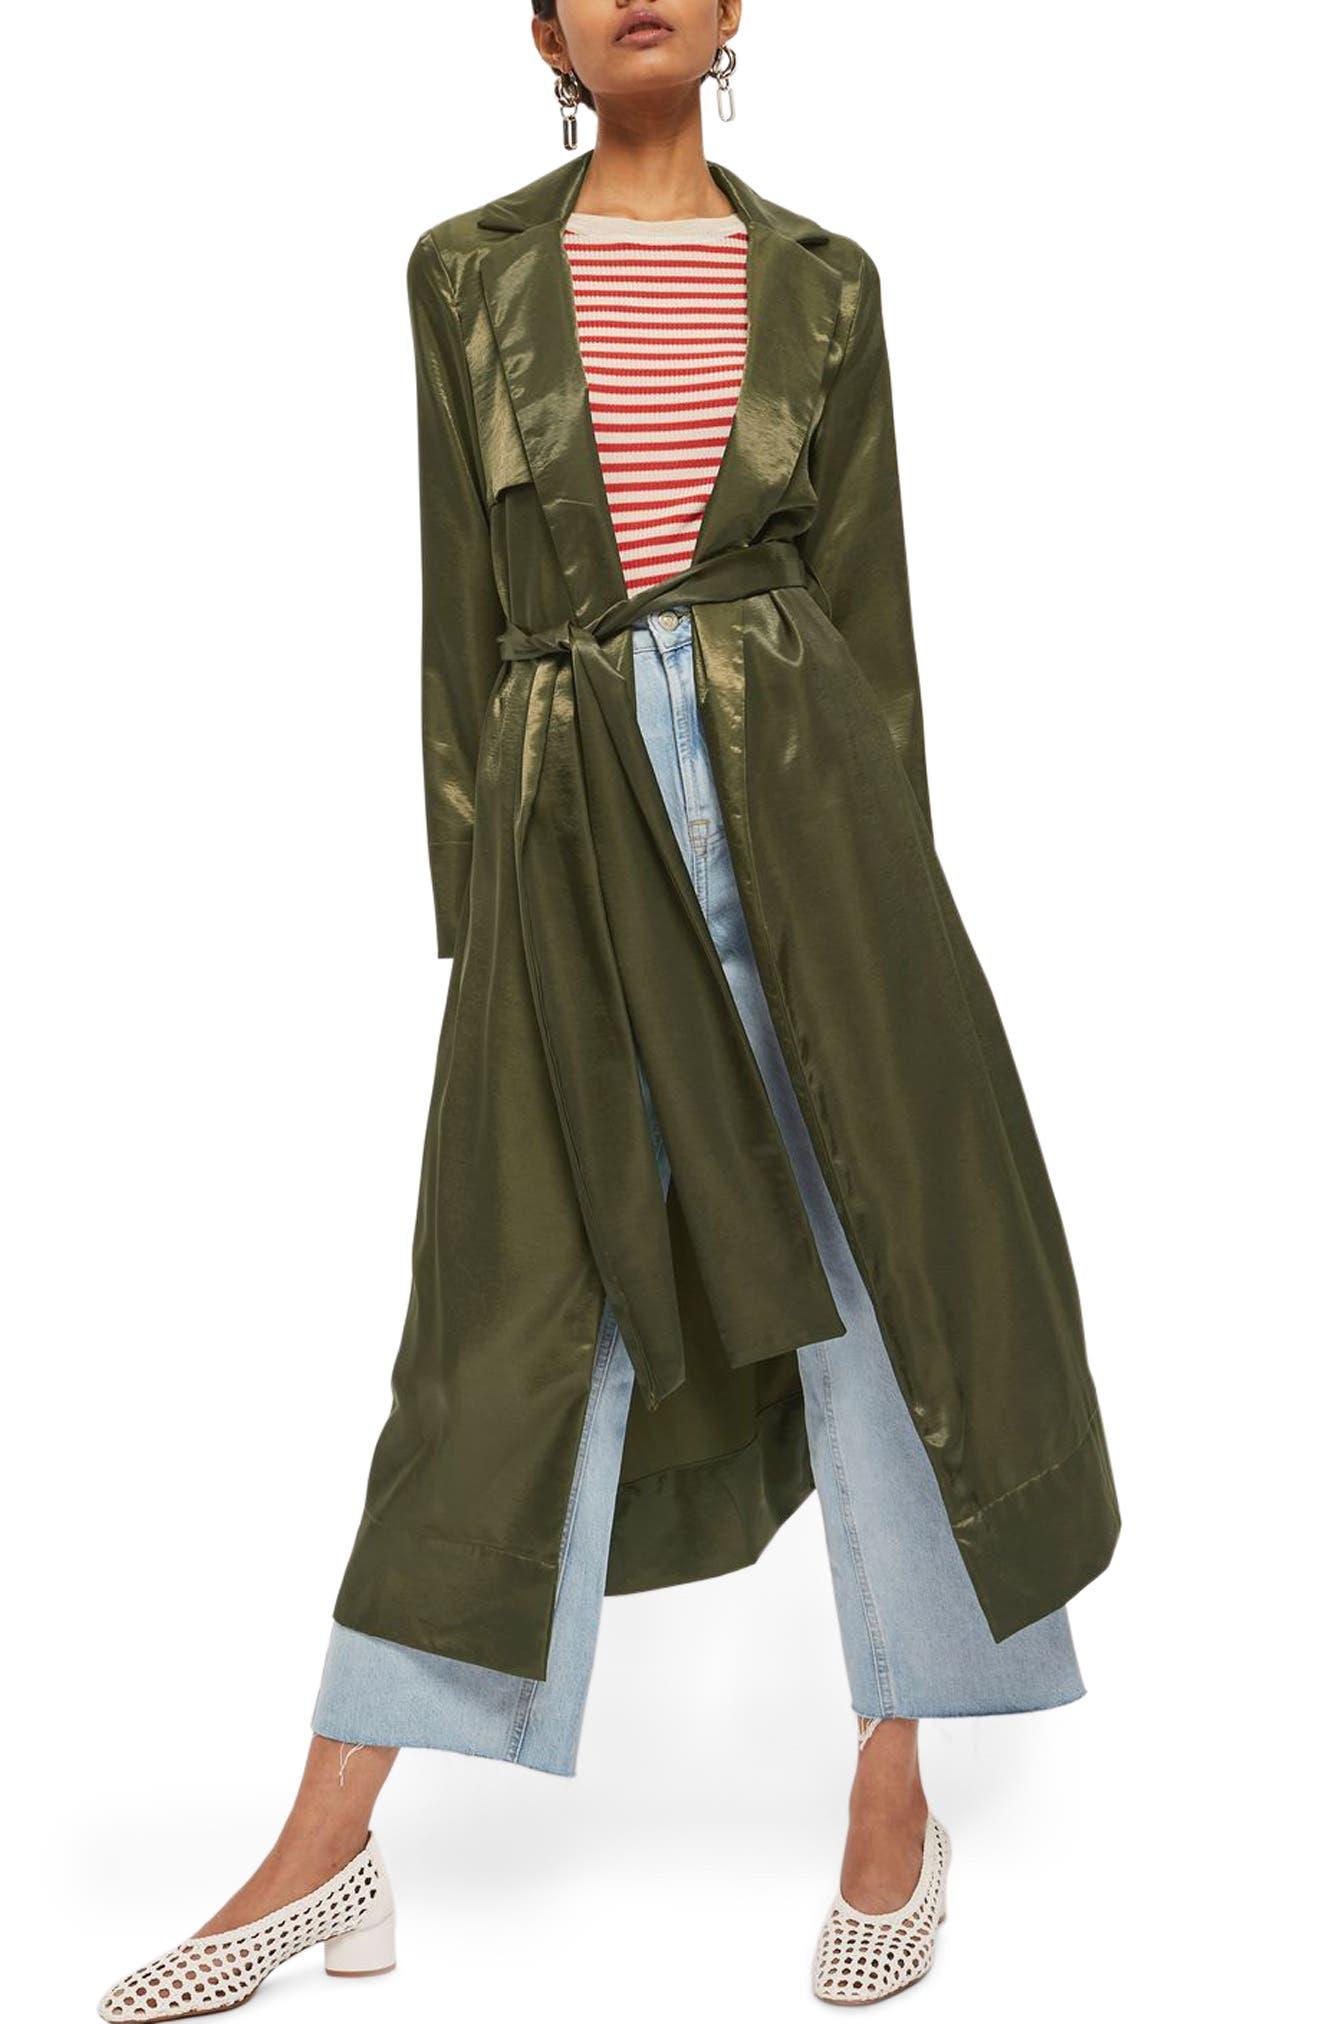 Topshop Belted Satin Duster Coat